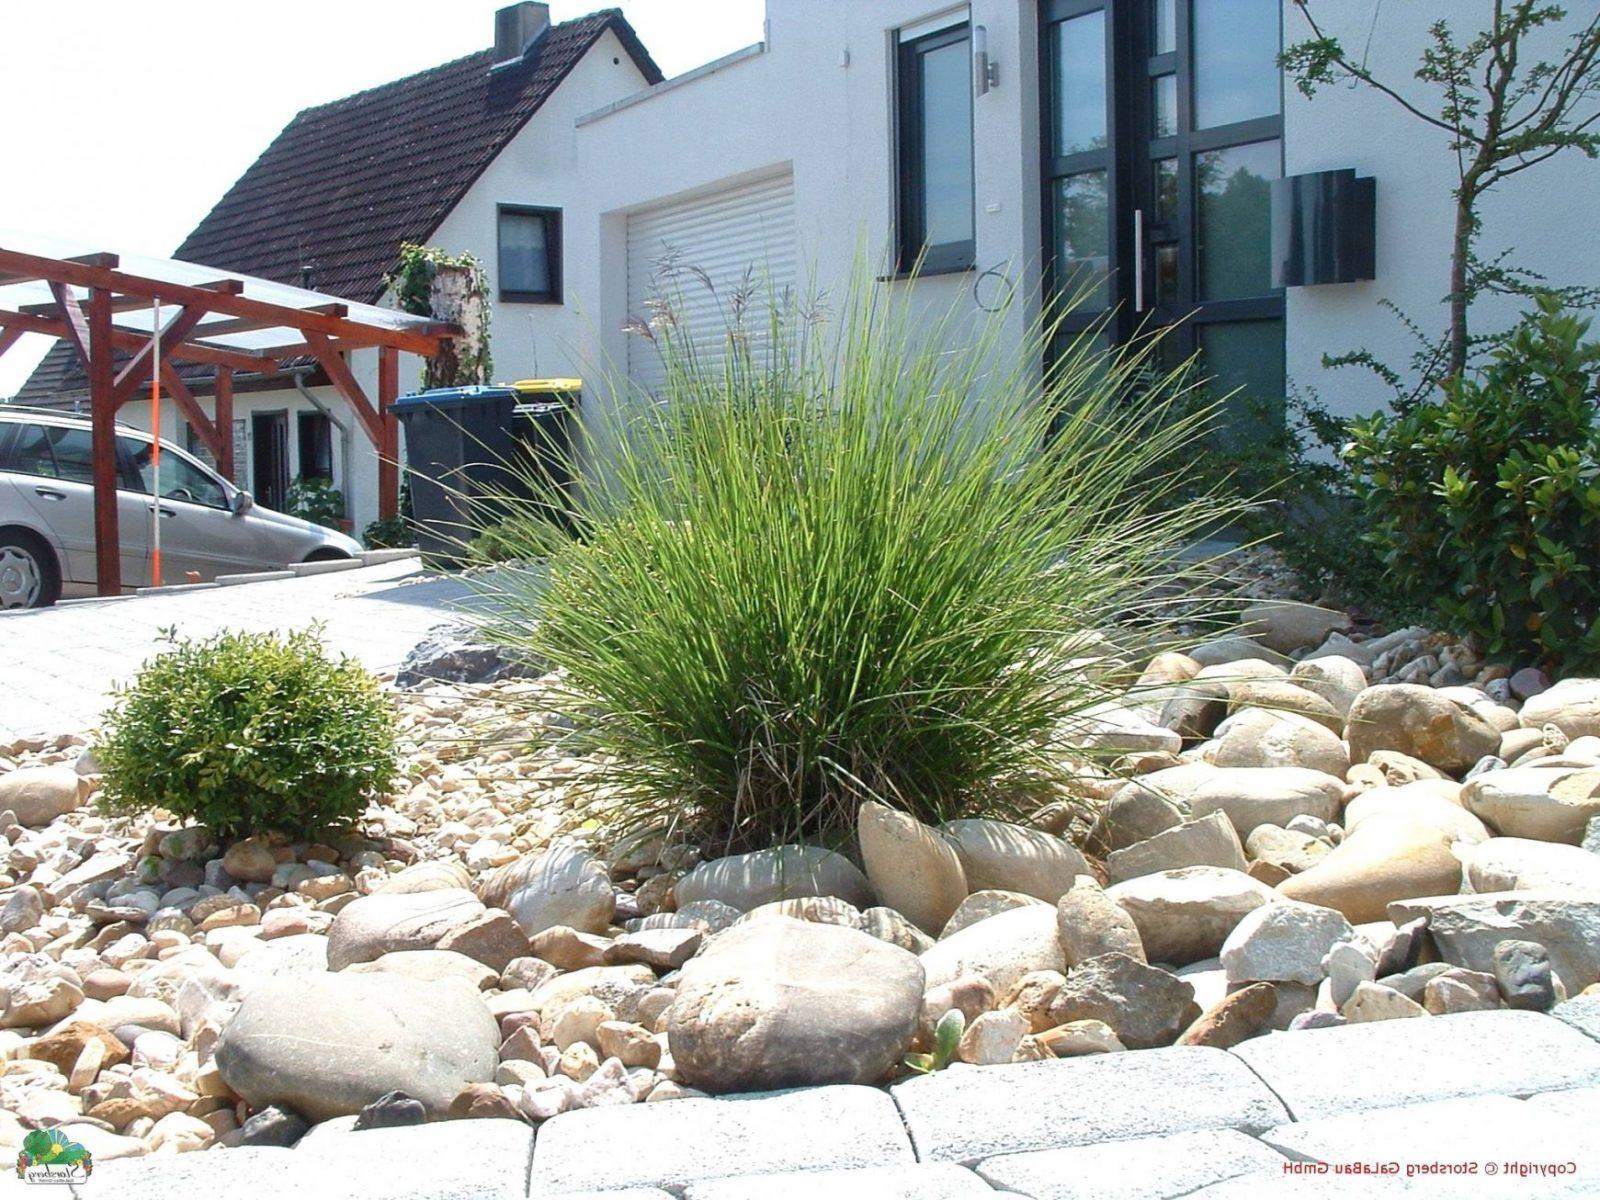 Gartengestaltung Mit Gräsern Und Kies Hangbegrenzung Vorgarten